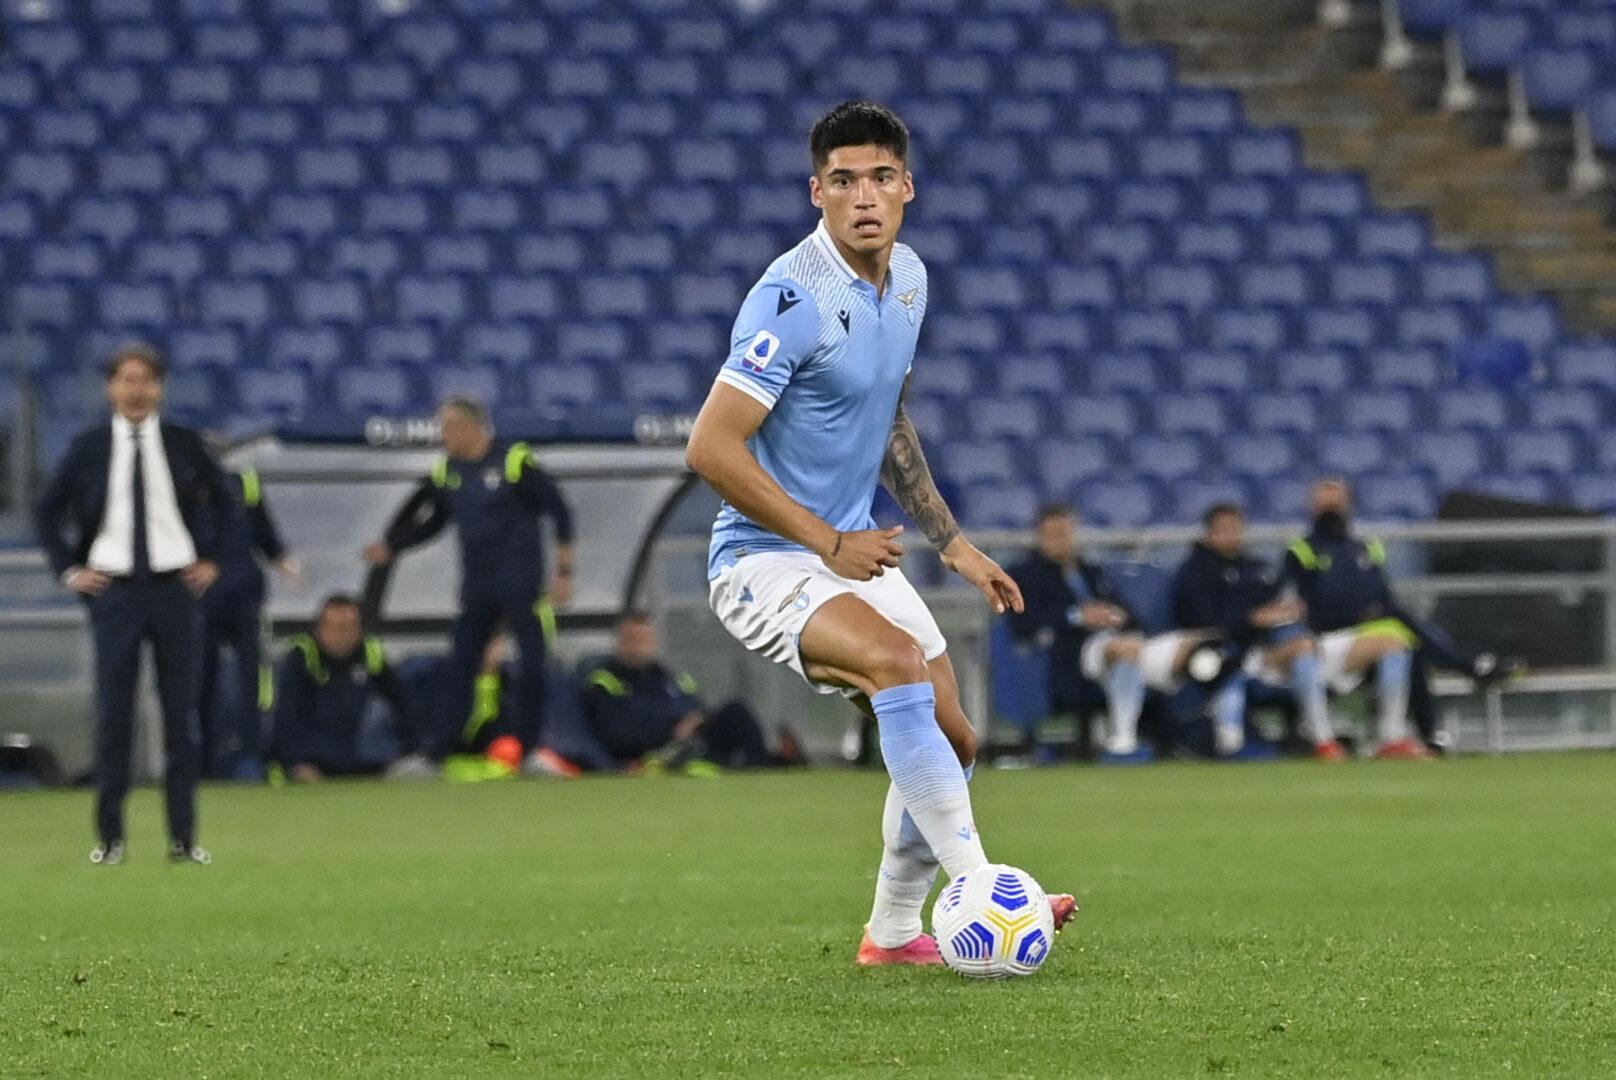 Correa-Wechsel liegt auf Eis: Stillstand zwischen PSG und Lazio